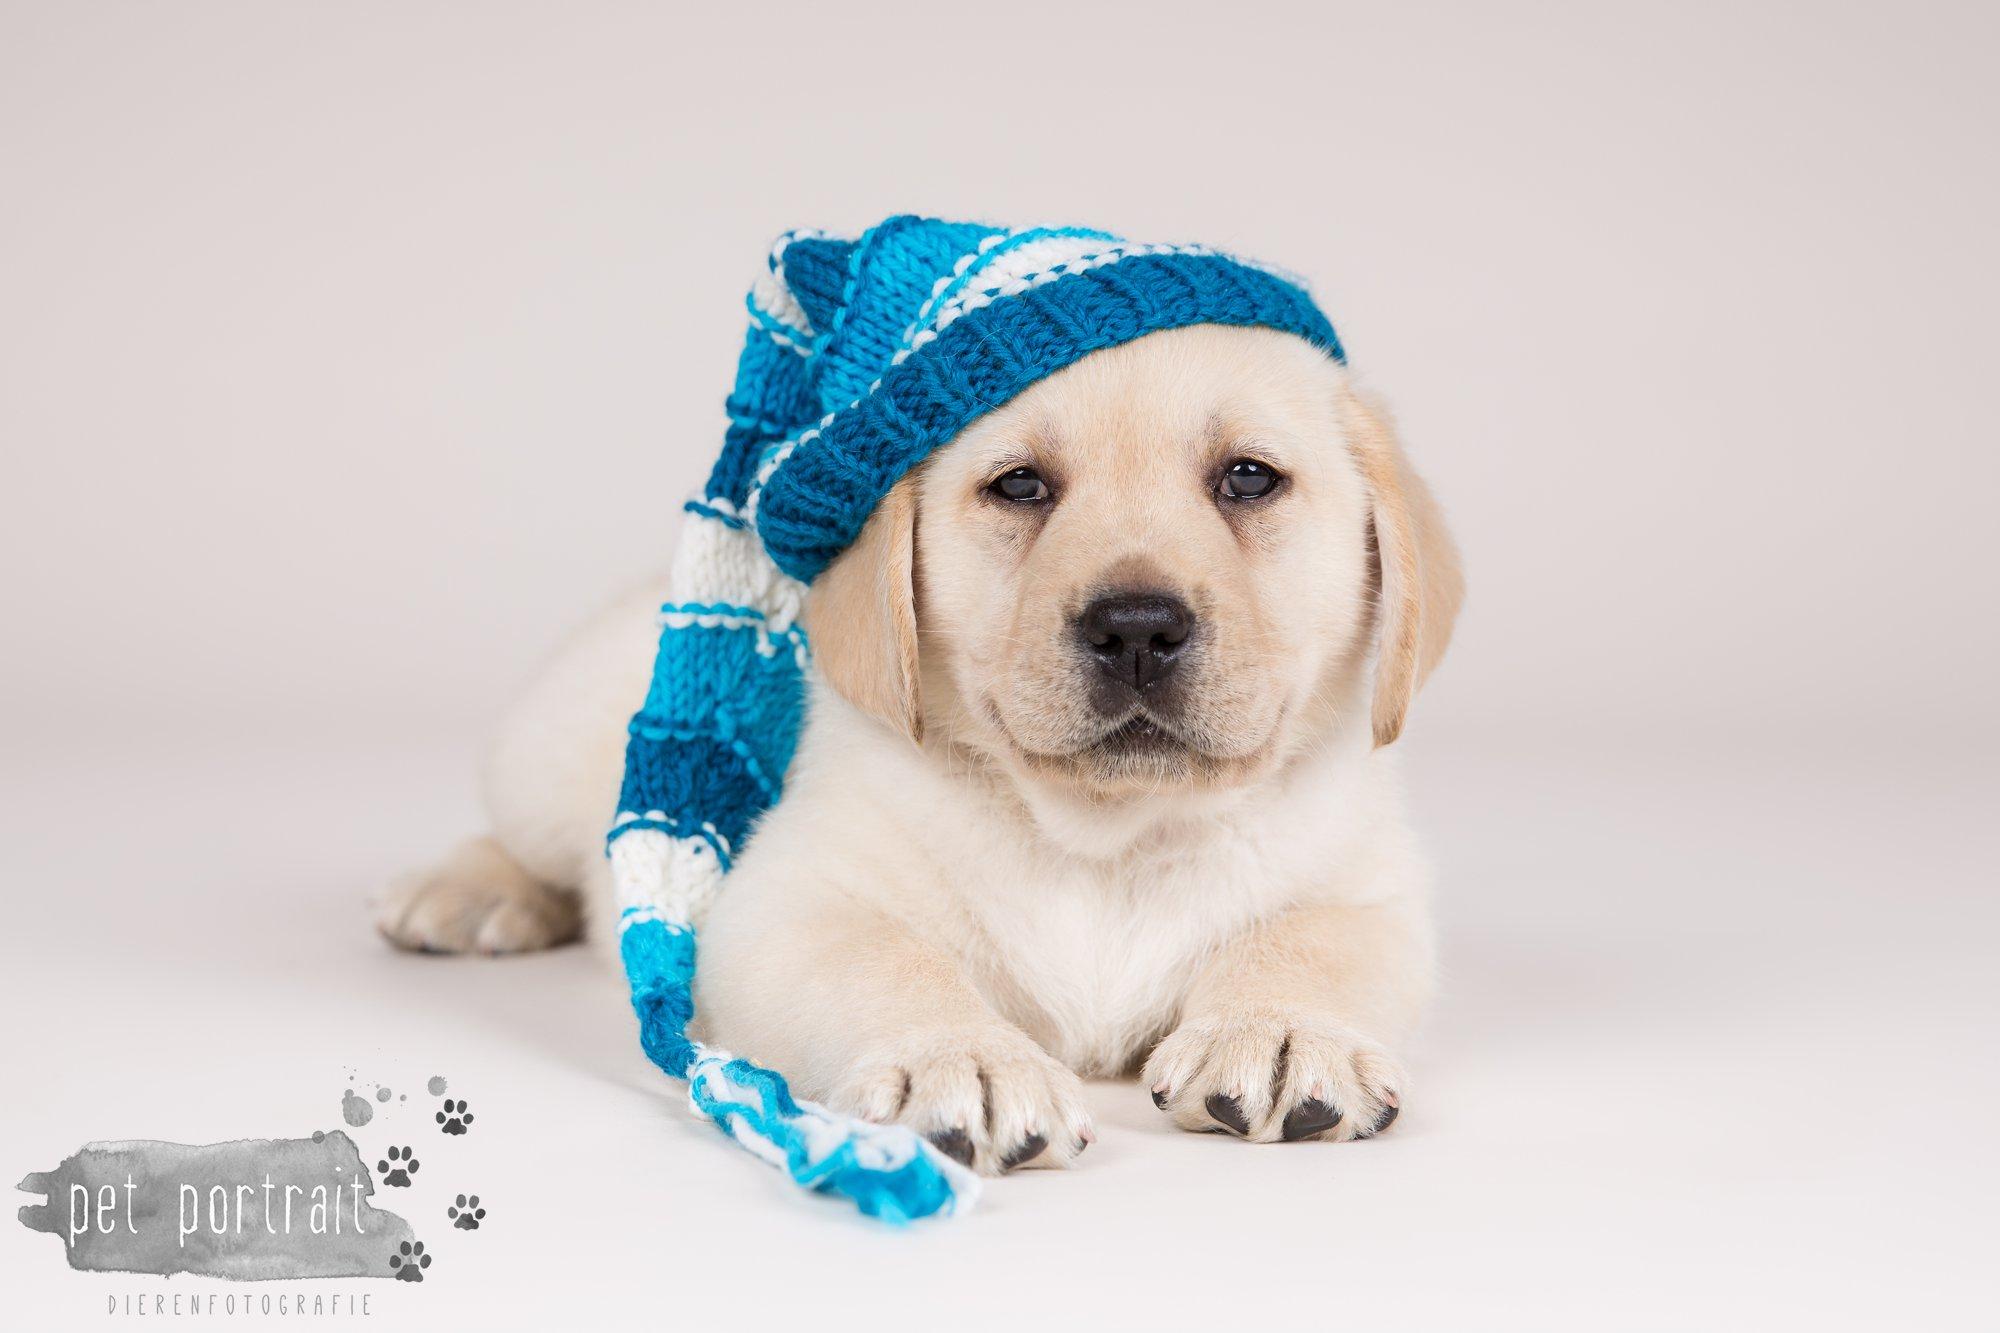 Hondenfotograaf Hillegom - Nestfotoshoot voor Labrador pups-21